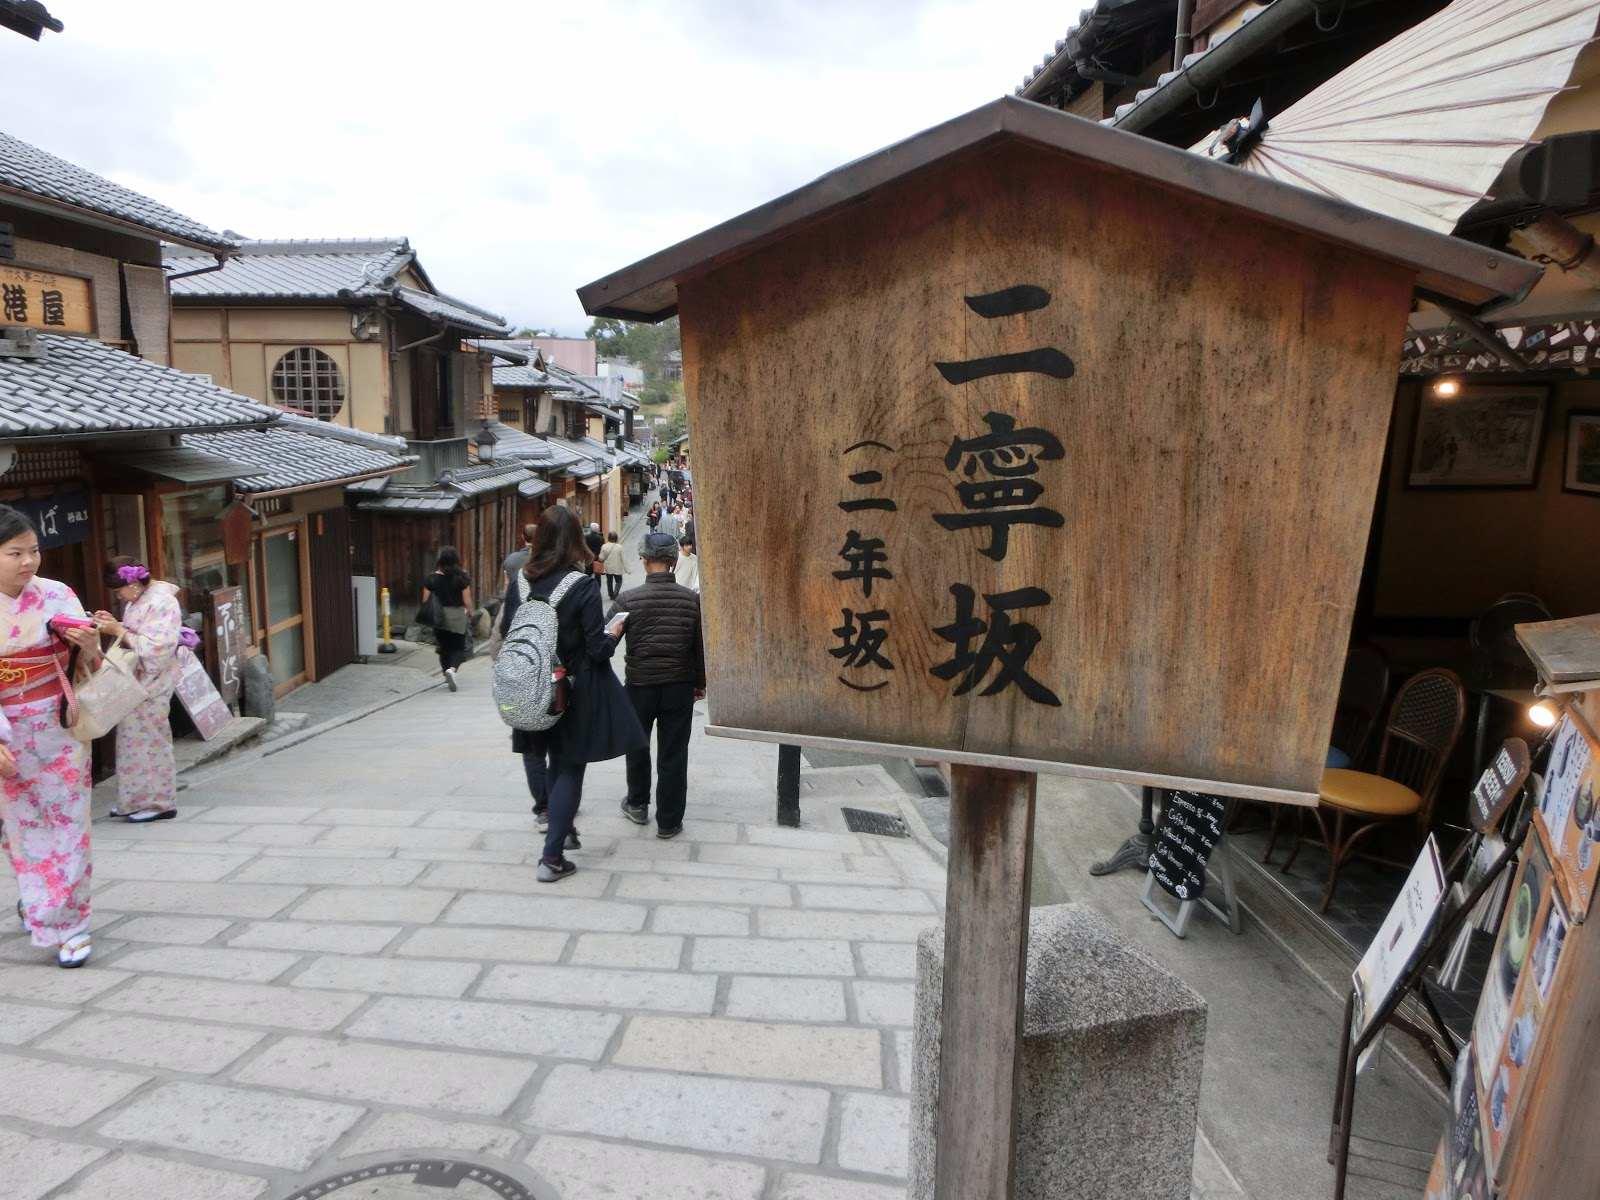 第三站:二年坂、三年坂、清水坂 清水五條這裡除了有許多寺院可以參觀,周邊也是京都內最具古風的一區,簡而言之有點類似台灣老街的概念,建議可以在參觀玩清水寺後沿著清水坂、二年坂一路走到三年坂,最推薦的時段是下午開始太陽快下山的夕陽景致,配上古風的老街非常美麗,小街內也有很多伴手禮、美食、小物,所以購物和午餐都可以在這裡解決喔!  ▶︎建議停留時間:2.5小時